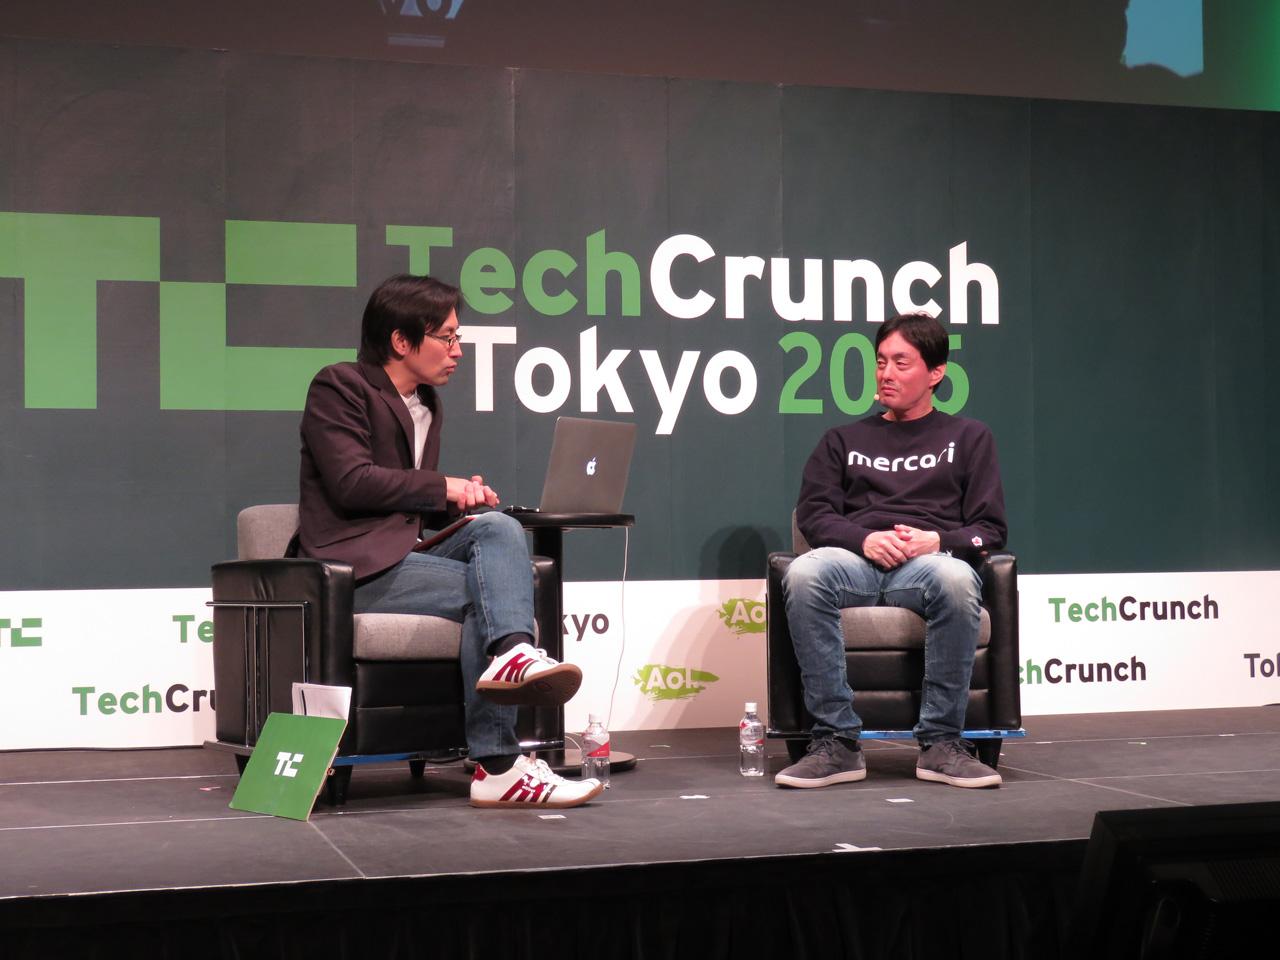 techcrunch-tokyo-2016-mercari-talk